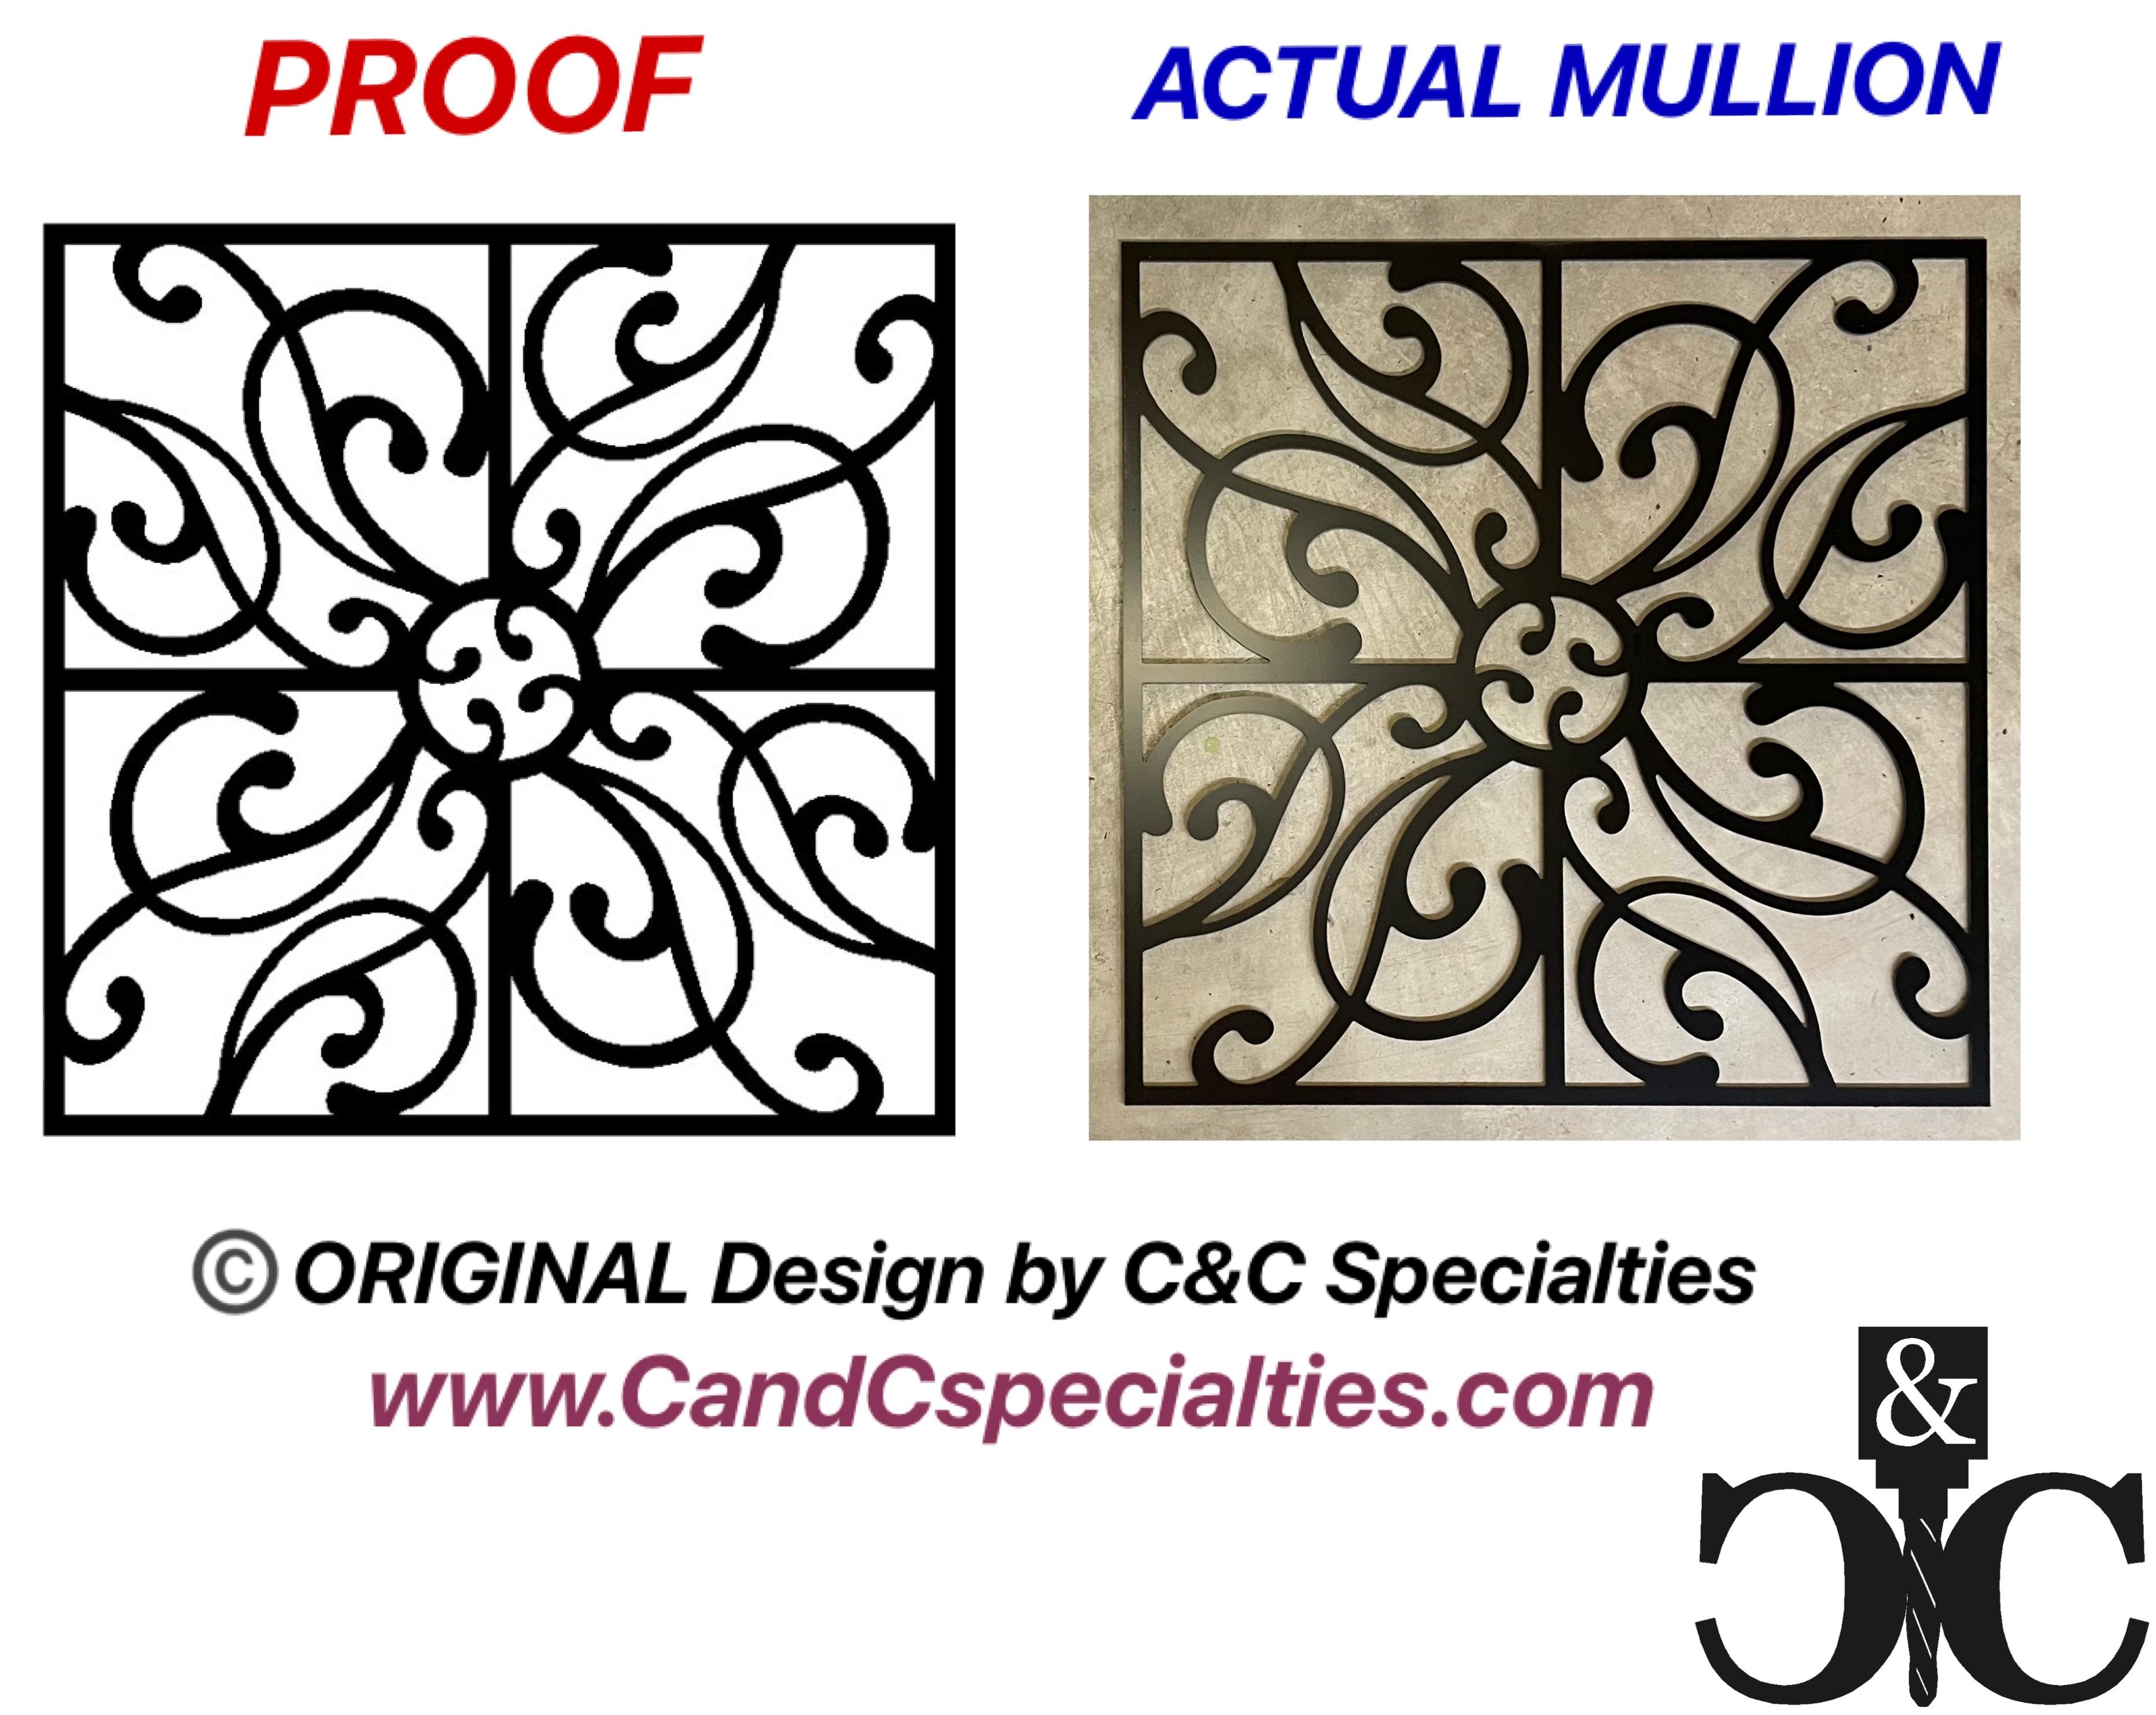 CUSTOM DESIGN PROOF VS ACTUAL MULLION